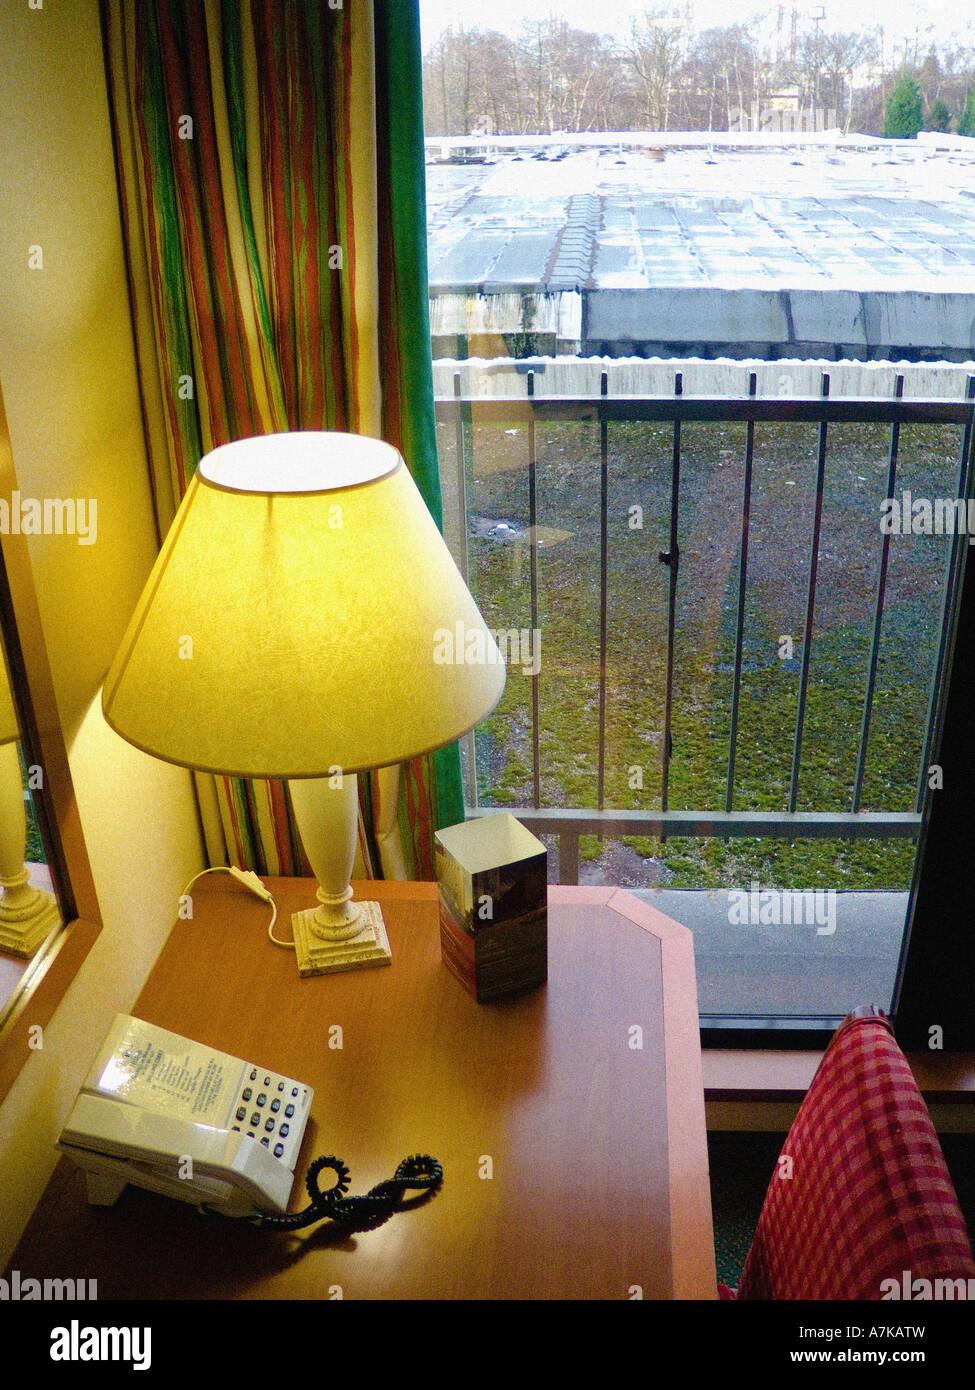 Scrivania con telefono e lampada in uk hotel noioso noioso vista dalla finestra in background Immagini Stock